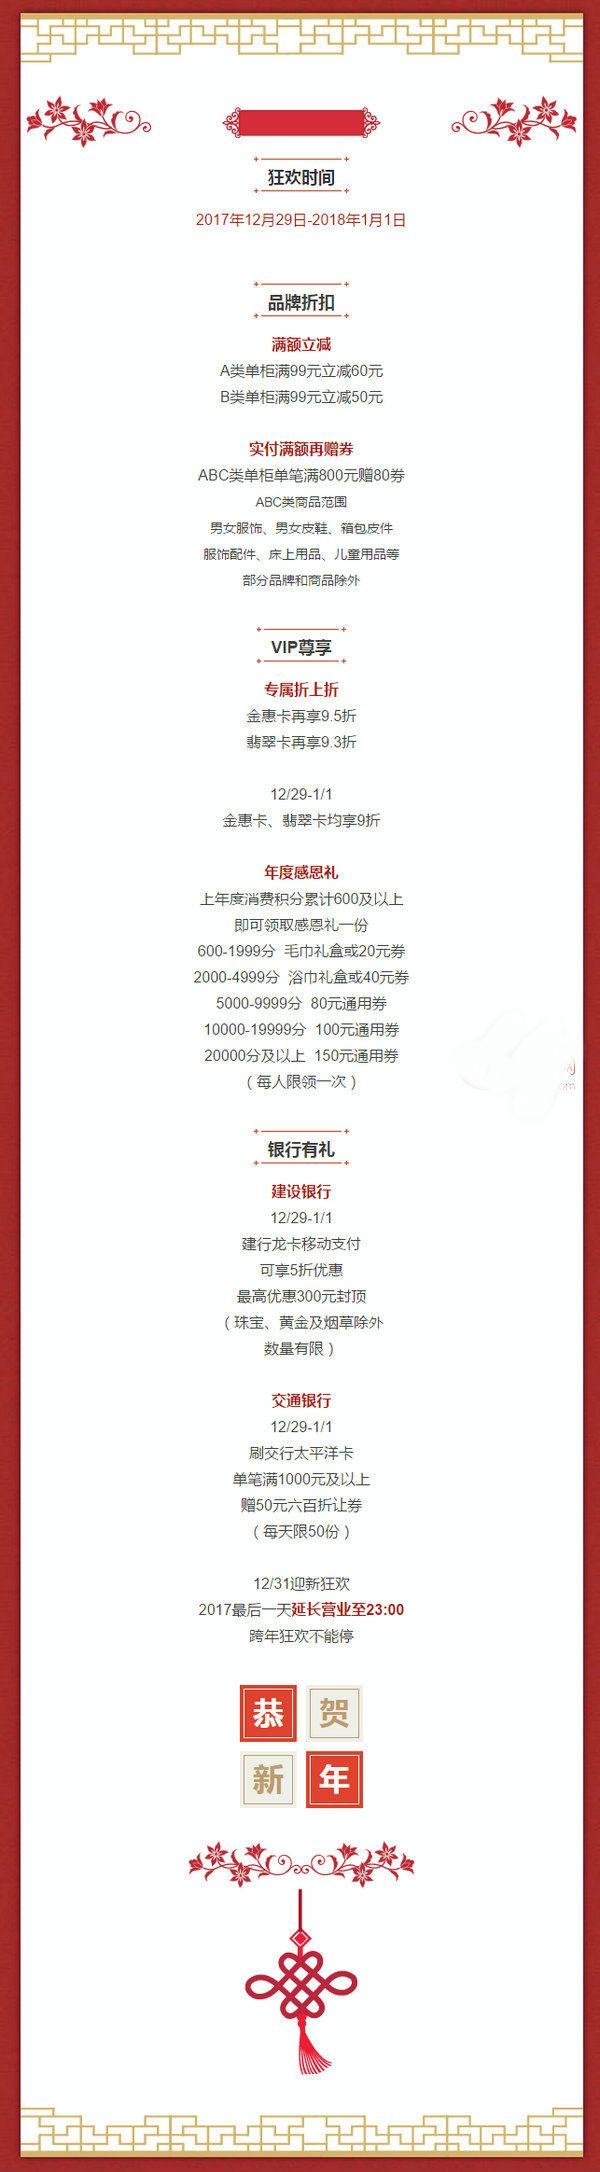 上海六百元旦&周年庆 单柜满99立减60元